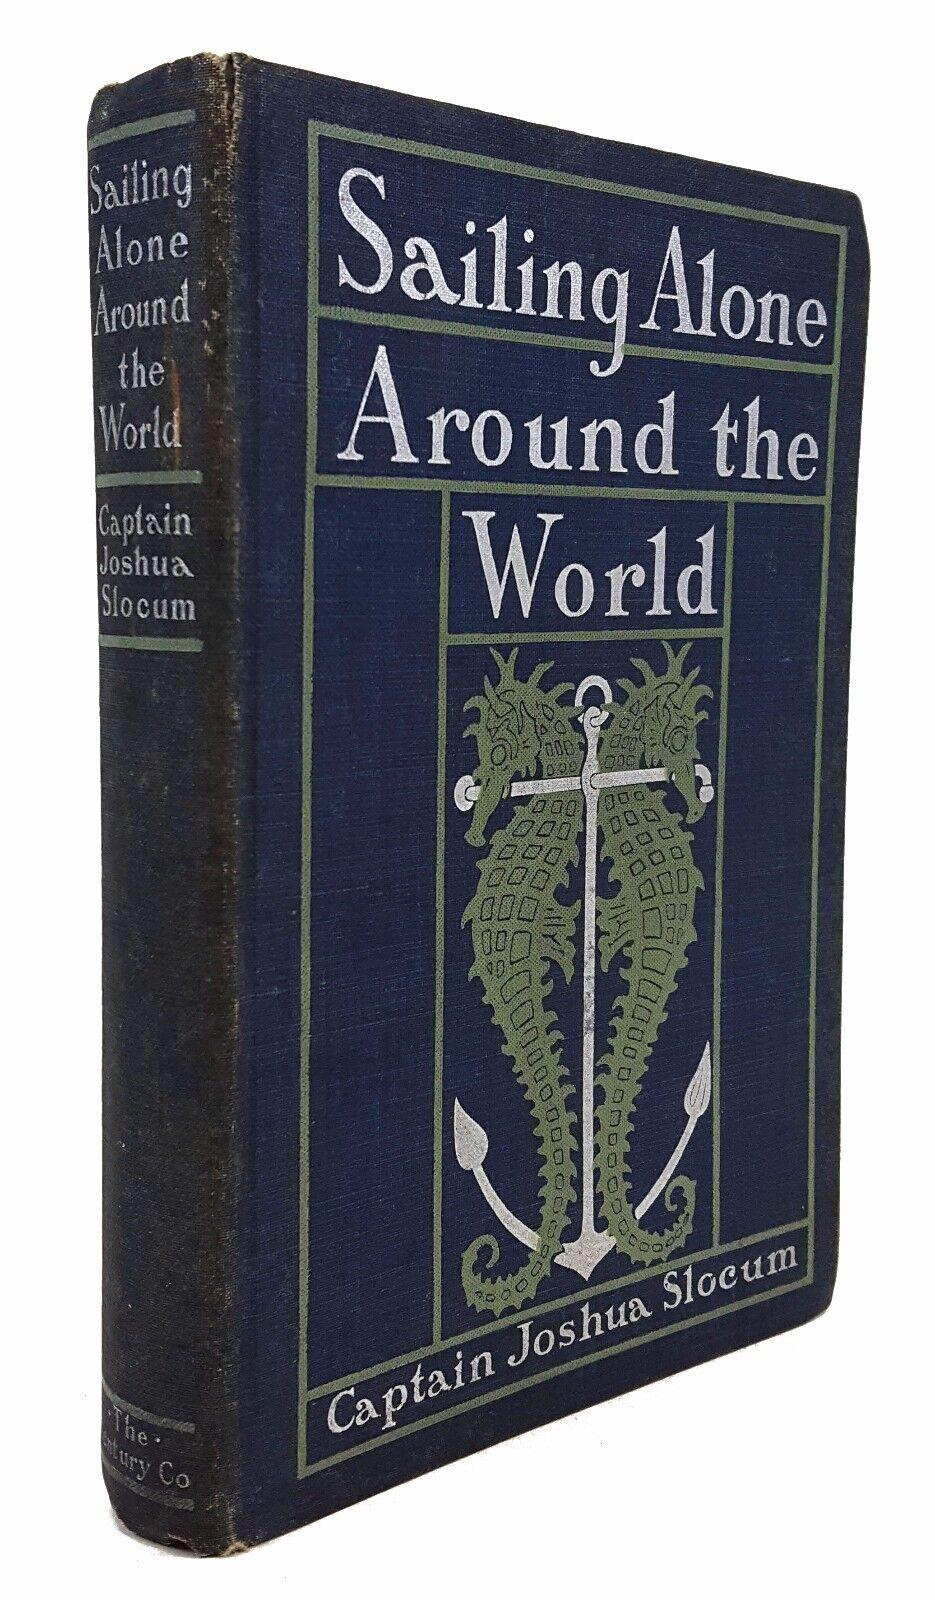 Vialibri Rare Books From 1900 Page 47